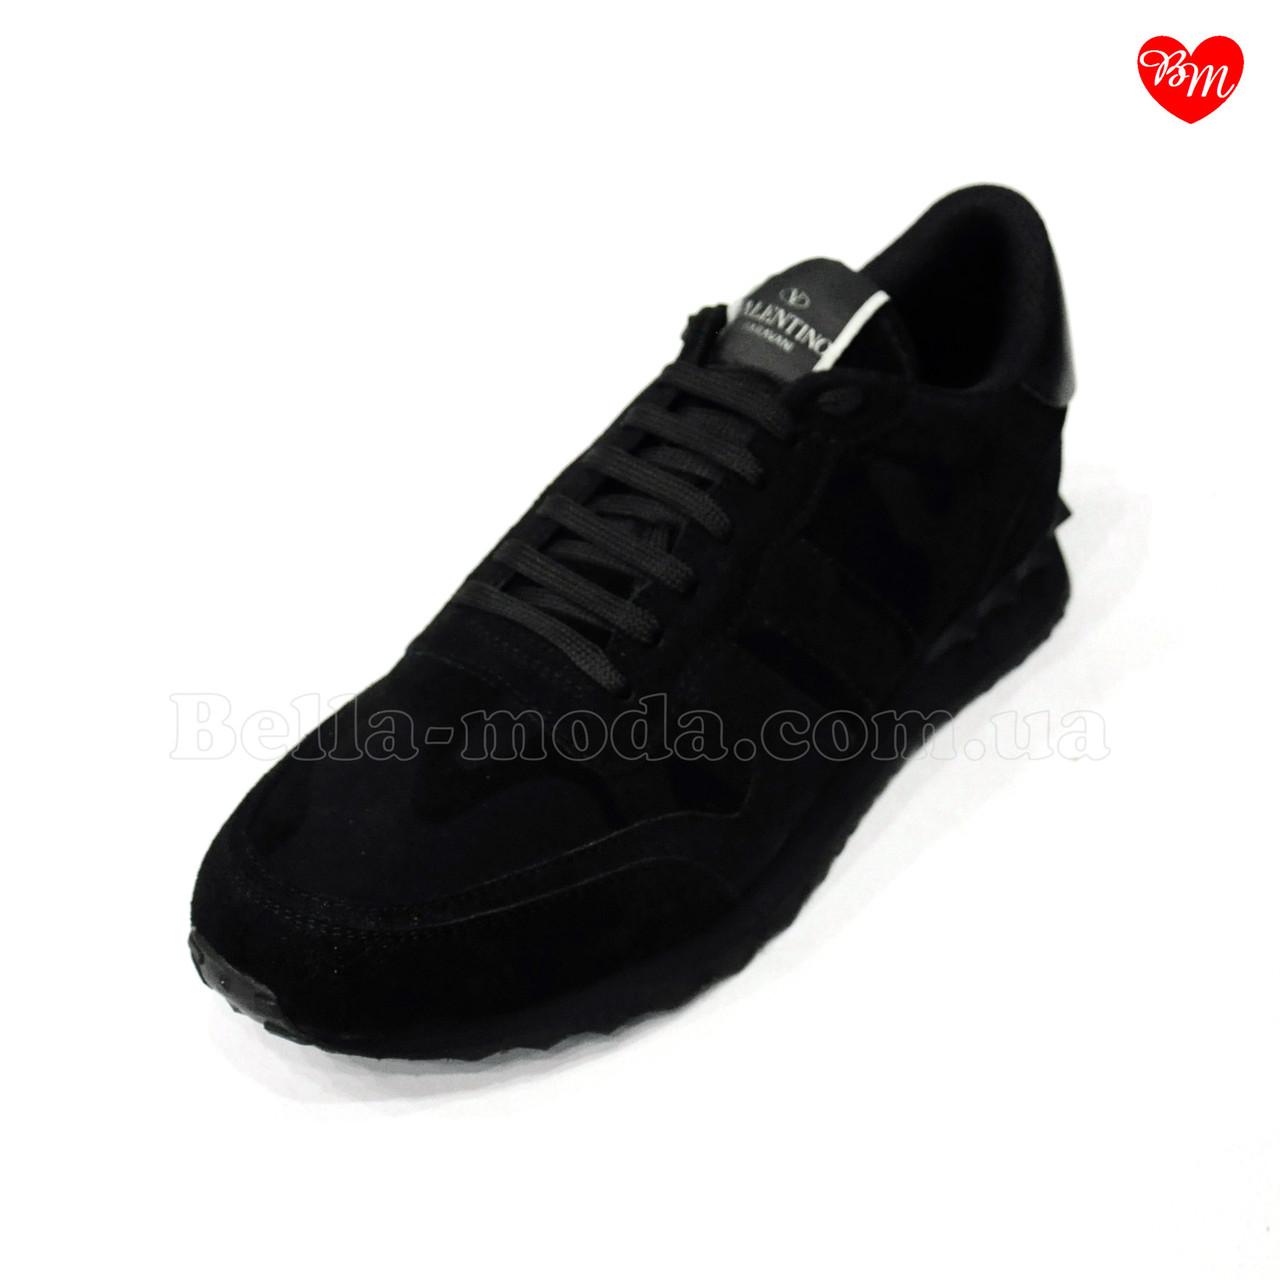 6d28f7131af4 Купить Мужские кроссовки Valentino камуфлированные в розницу от ...